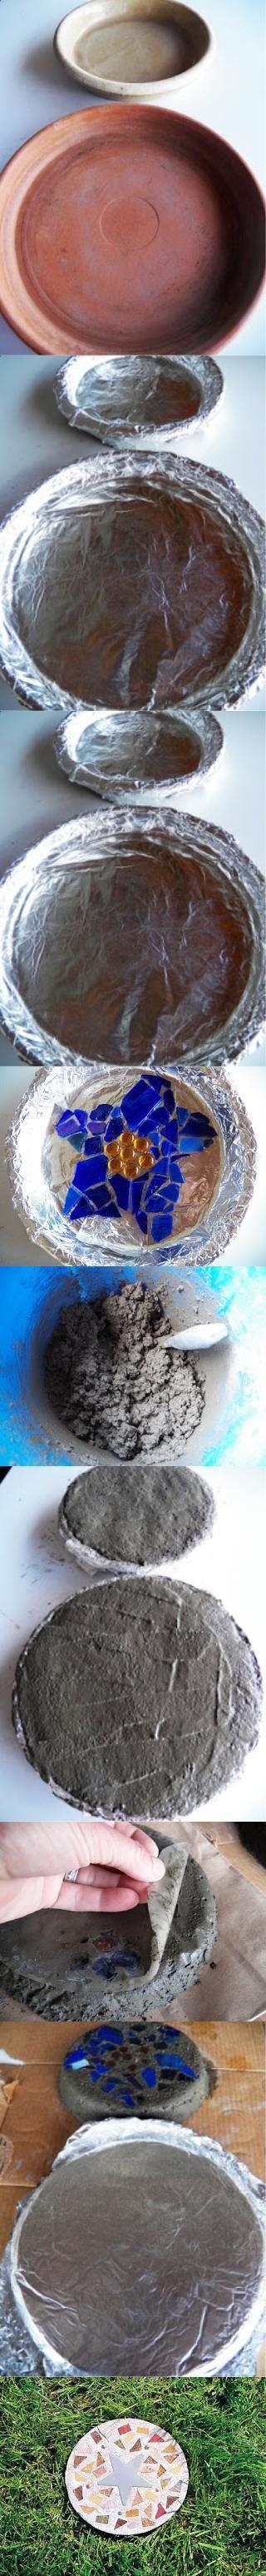 Baldosas de cemento decoradas con mosaicos. Se  pueden incrustar distintos materiales como vidrio molido, metales, piedras, cerámicos rotos, etc.